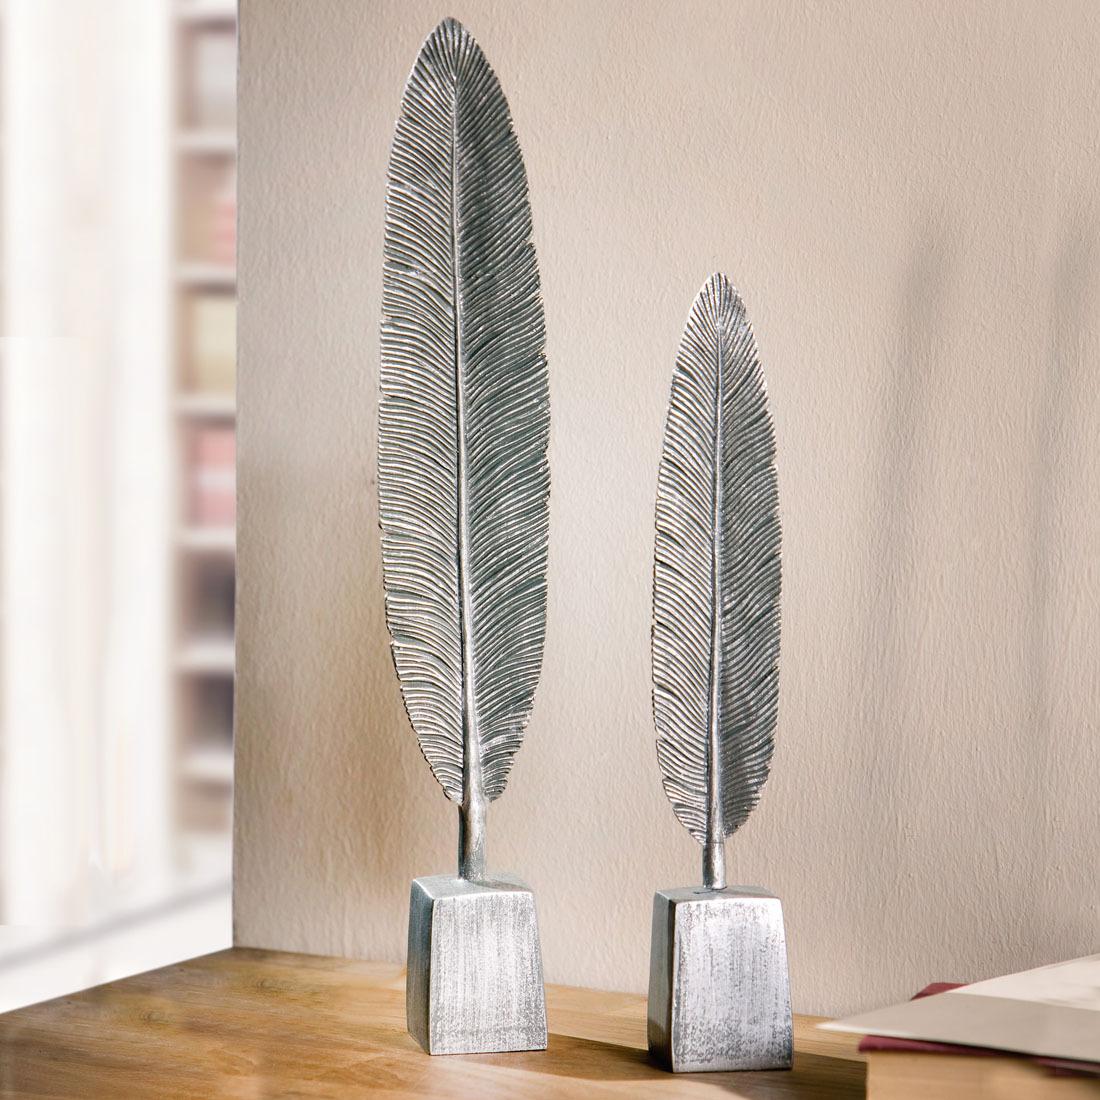 Декоративные фигуры Серебряные листья, 2 штуки